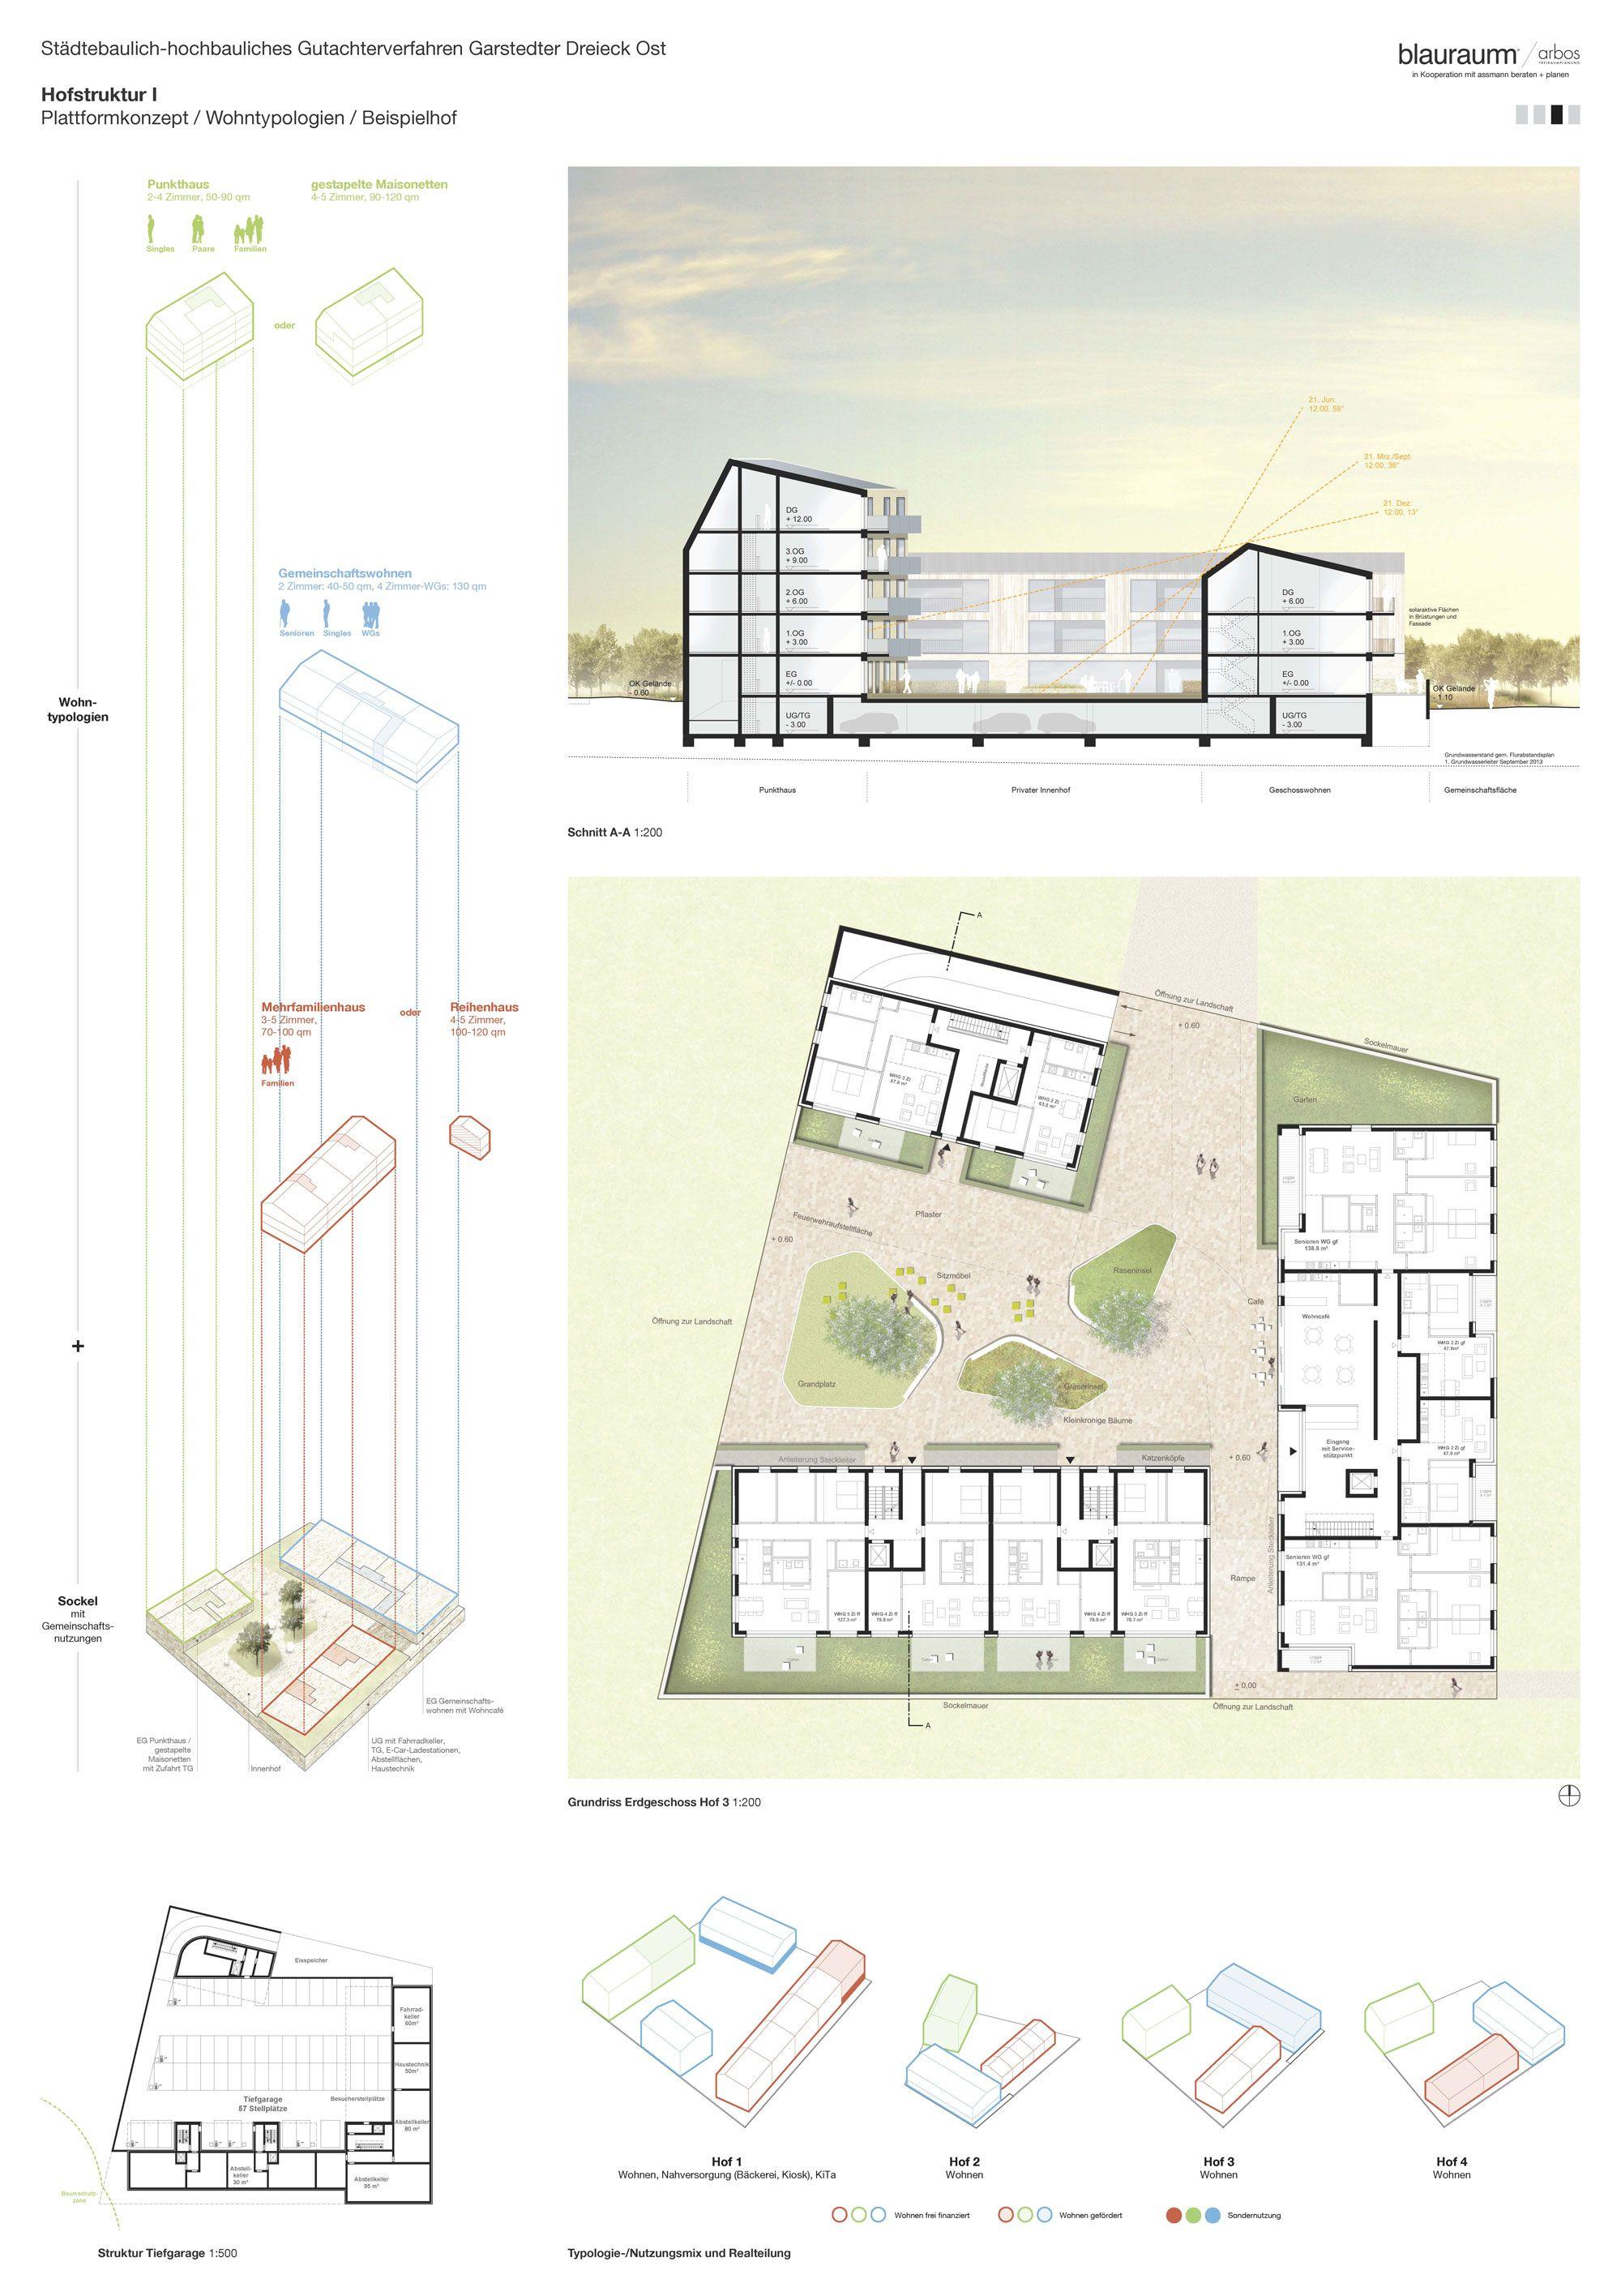 blauraum + arbos #arquitectonico